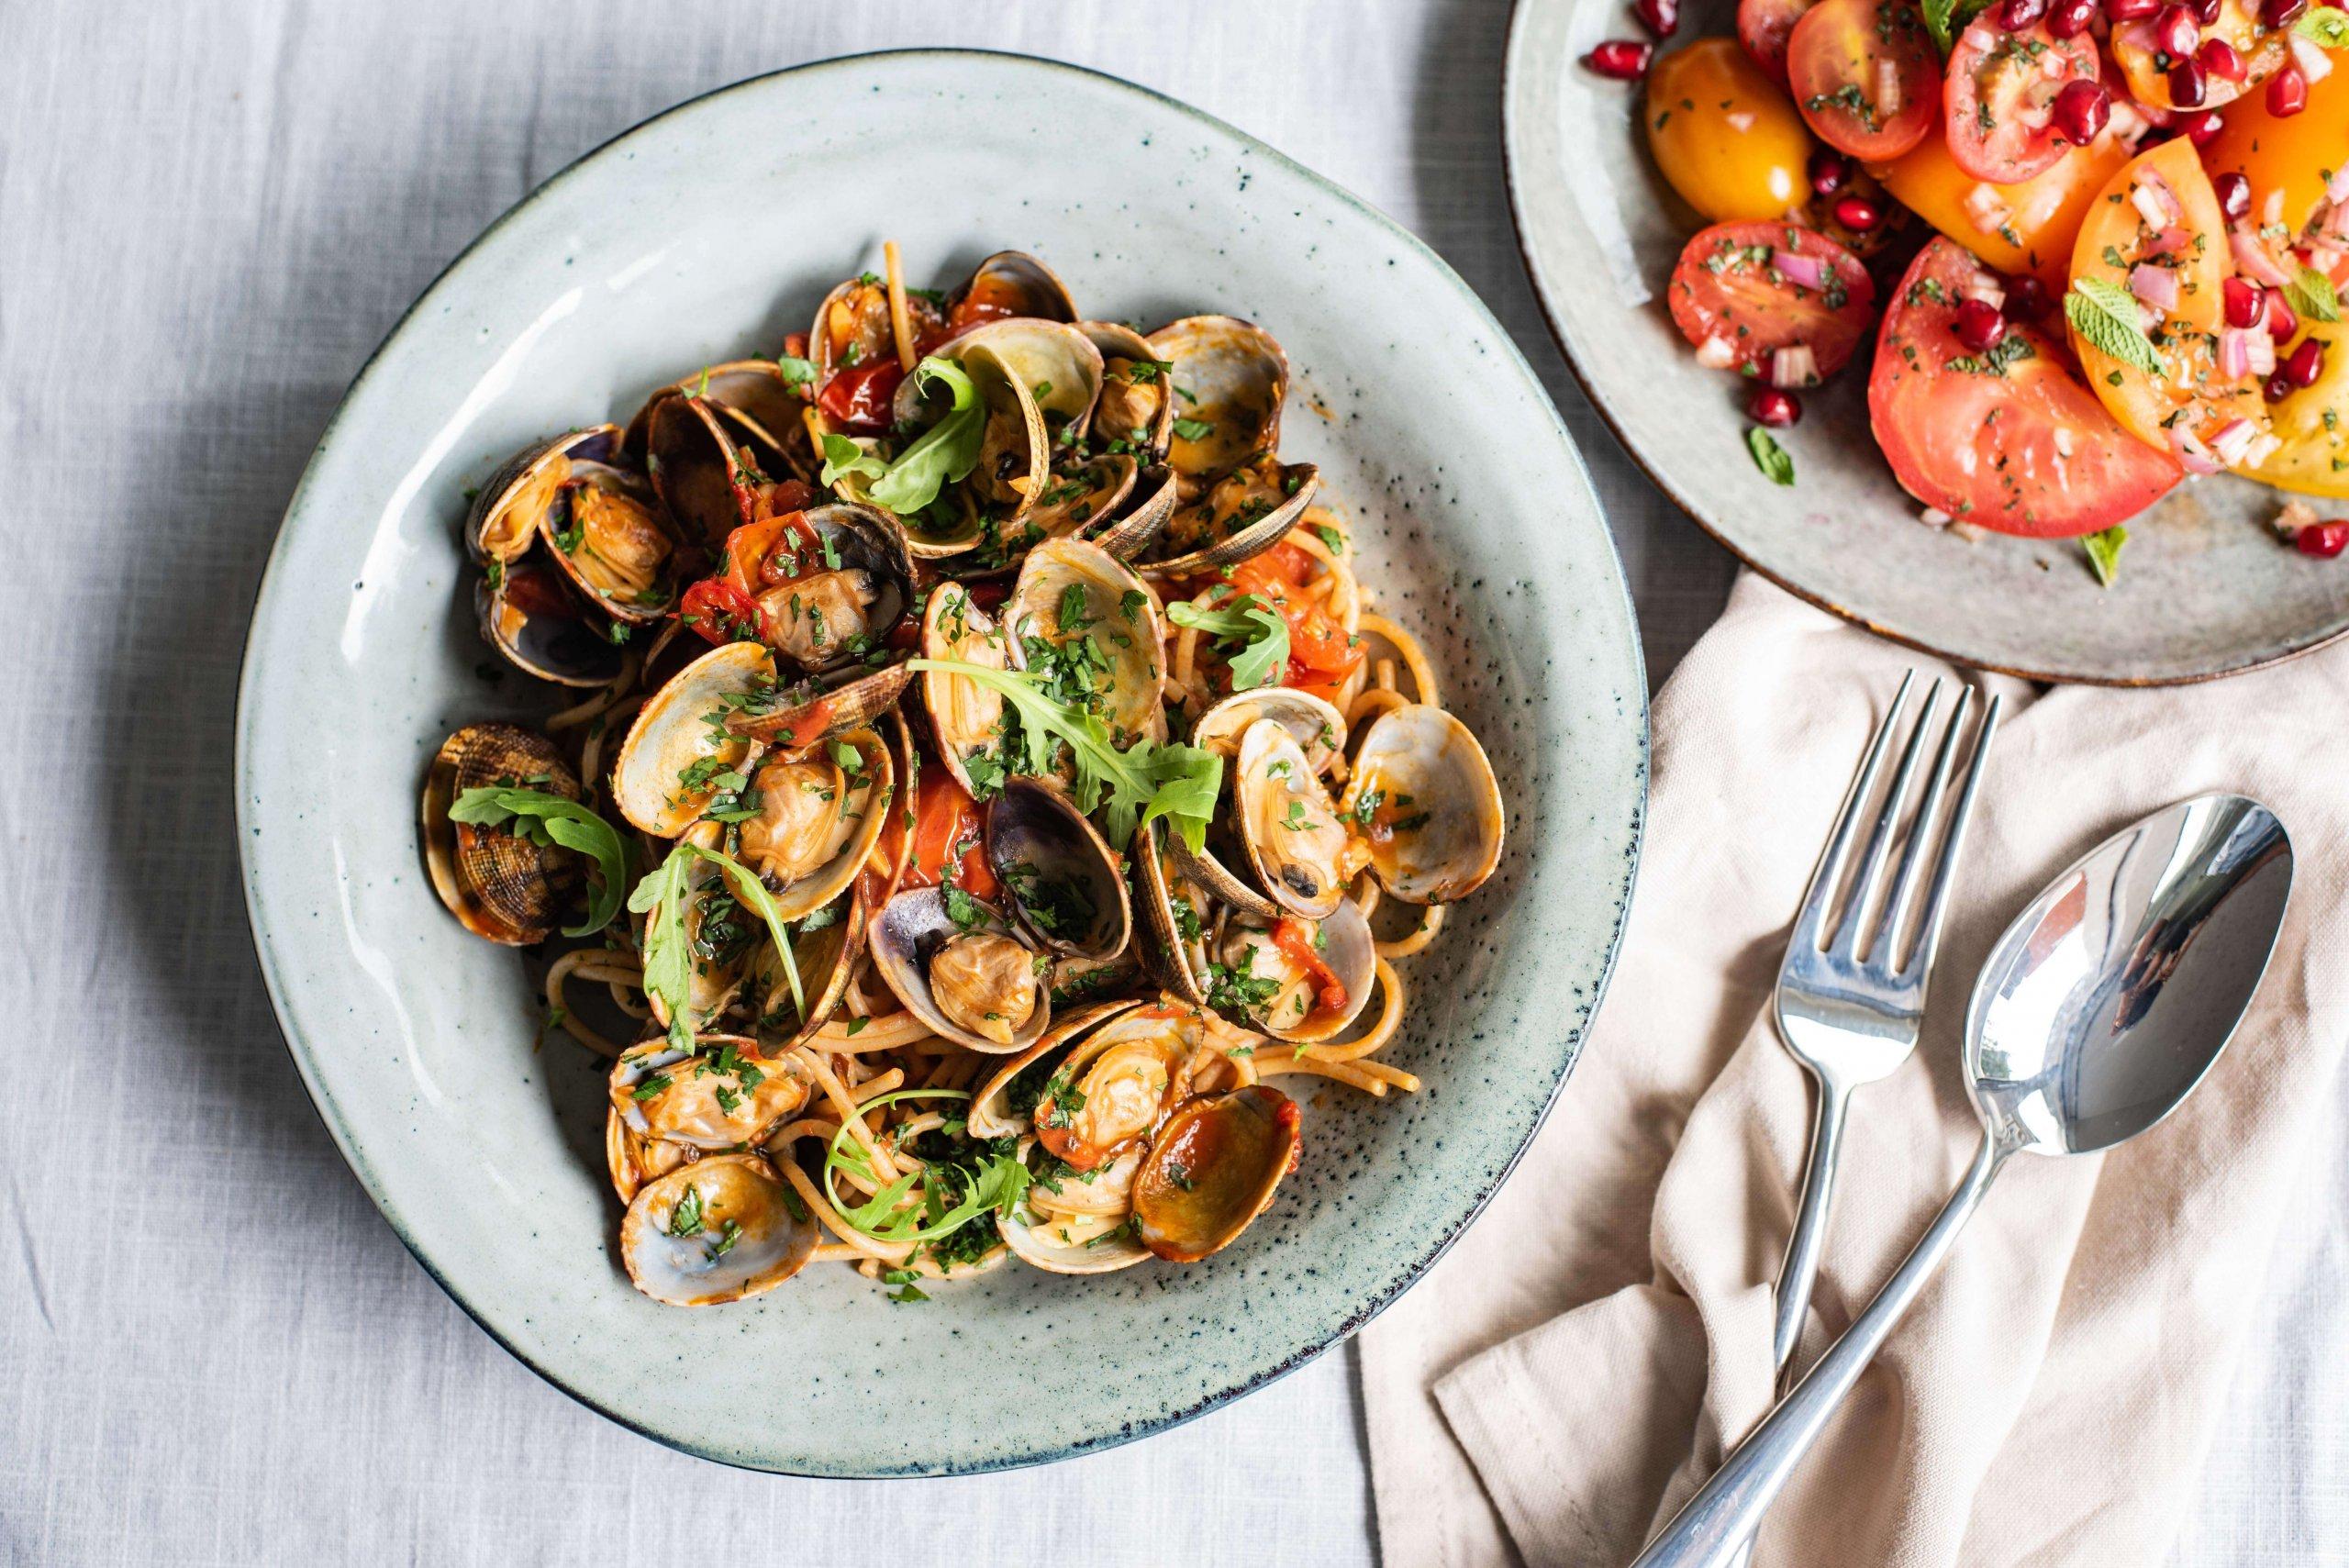 Spaghetti vongole met tomaten-muntsalade